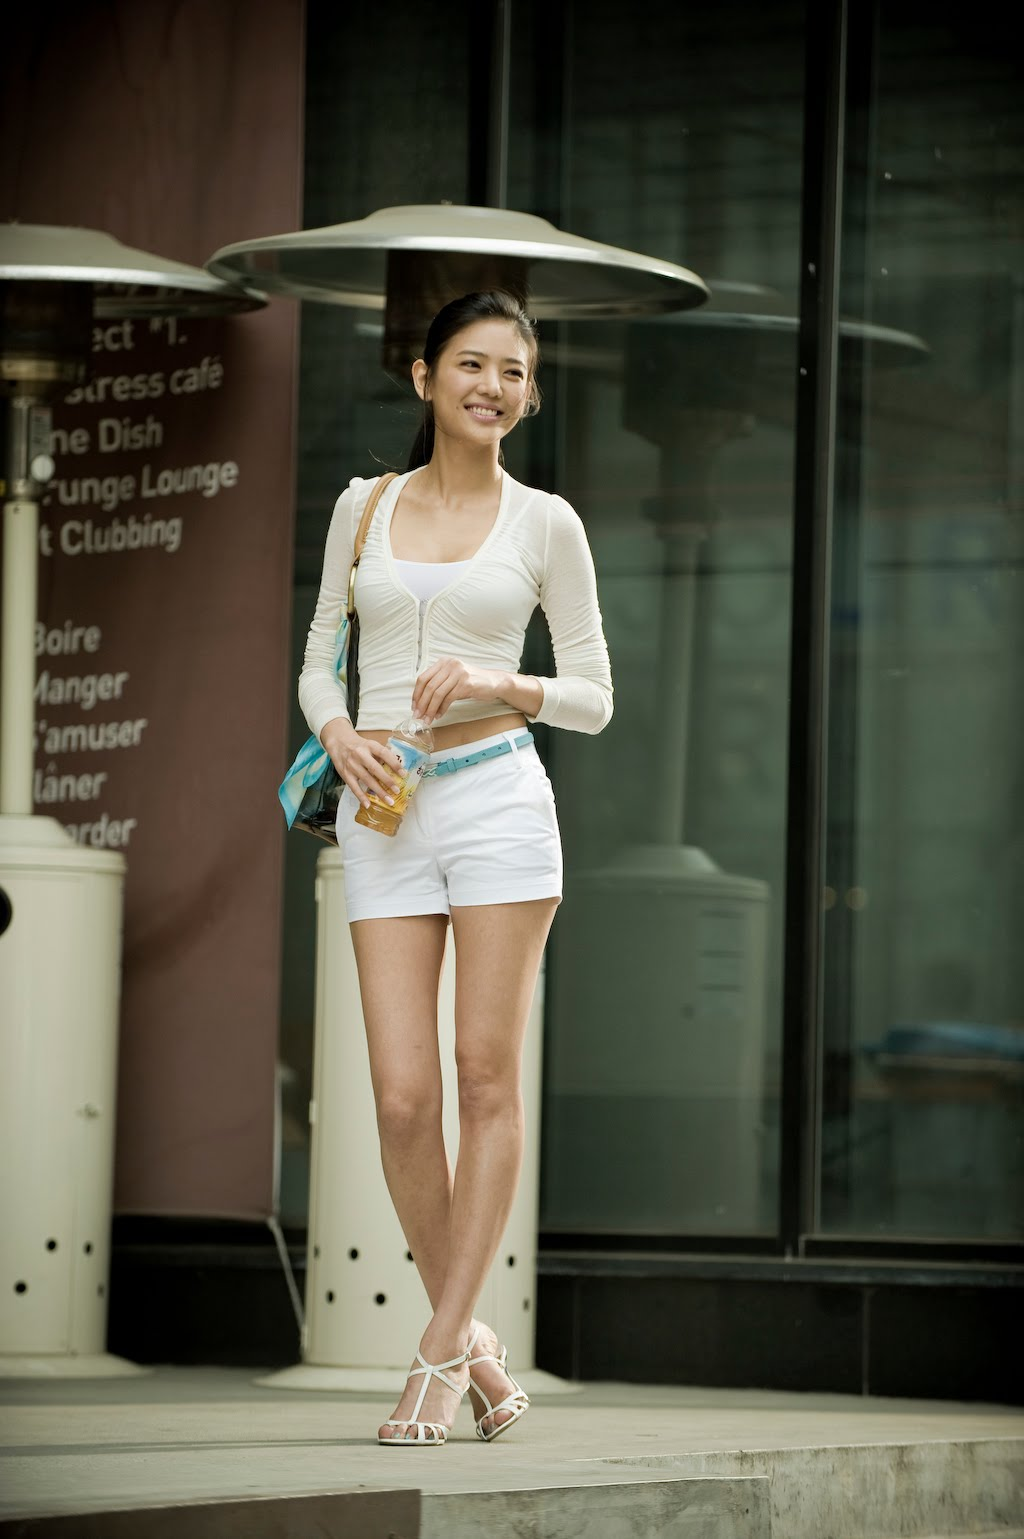 http://3.bp.blogspot.com/_zvao_8RWEAE/TH0TTamesDI/AAAAAAAAAPc/w5FAzMQ75co/s1600/gold_netizen08090114143450LISETTE0.jpg